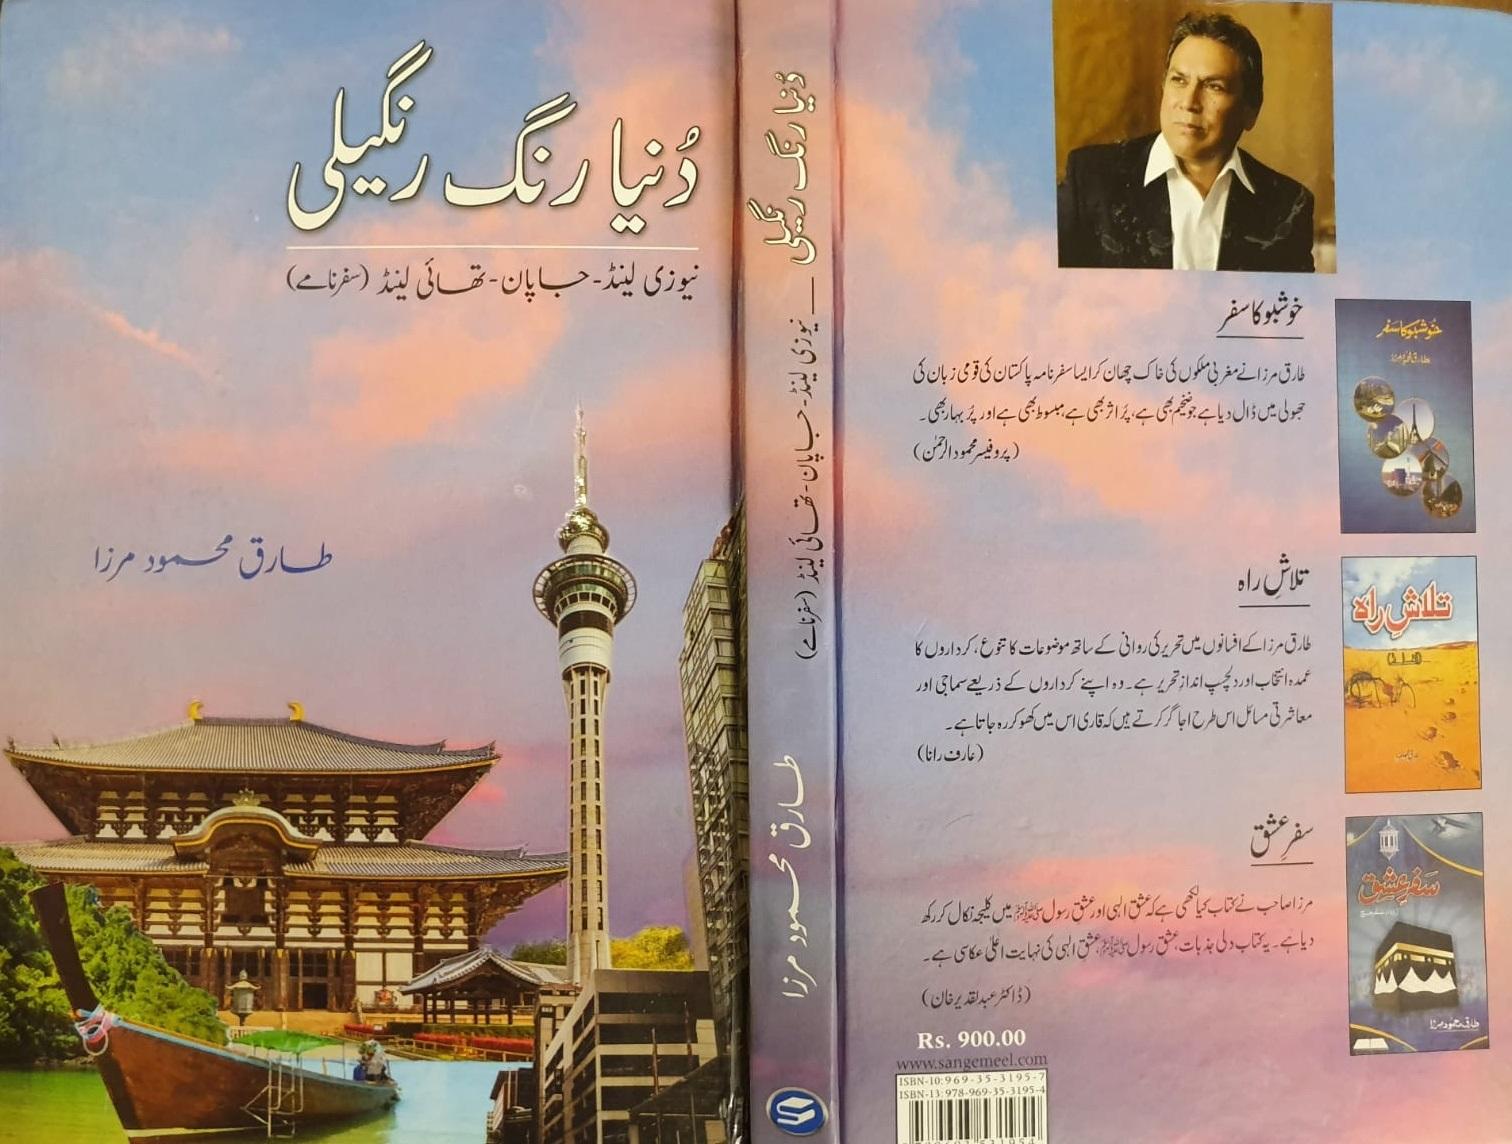 طارق محمود مرزا اور دنیا رنگ رنگیلی ایک جائزہ